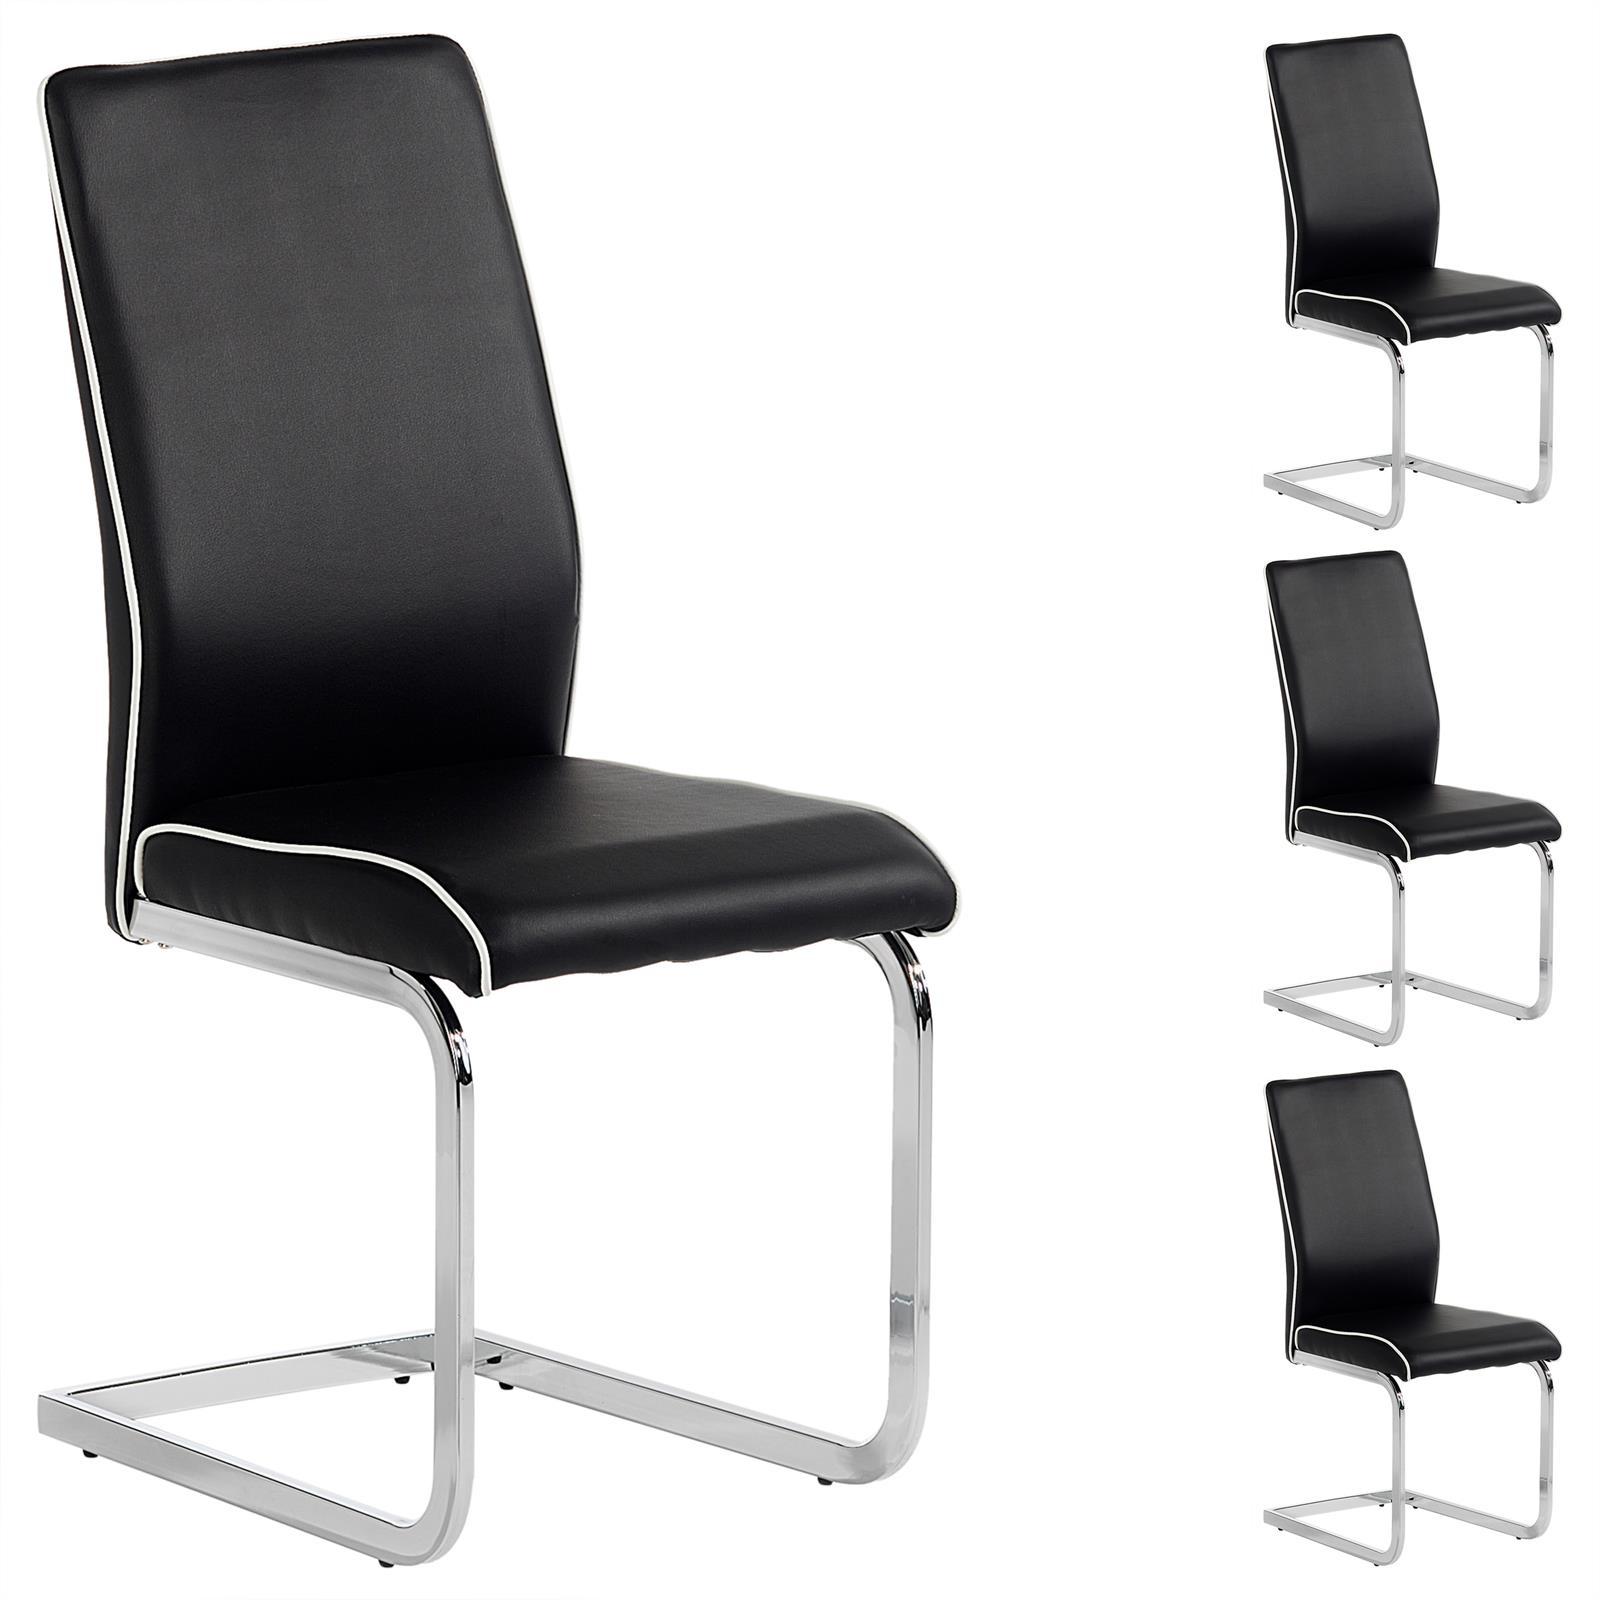 4er set schwingstuhl freischwinger esszimmerstuhl in 3. Black Bedroom Furniture Sets. Home Design Ideas